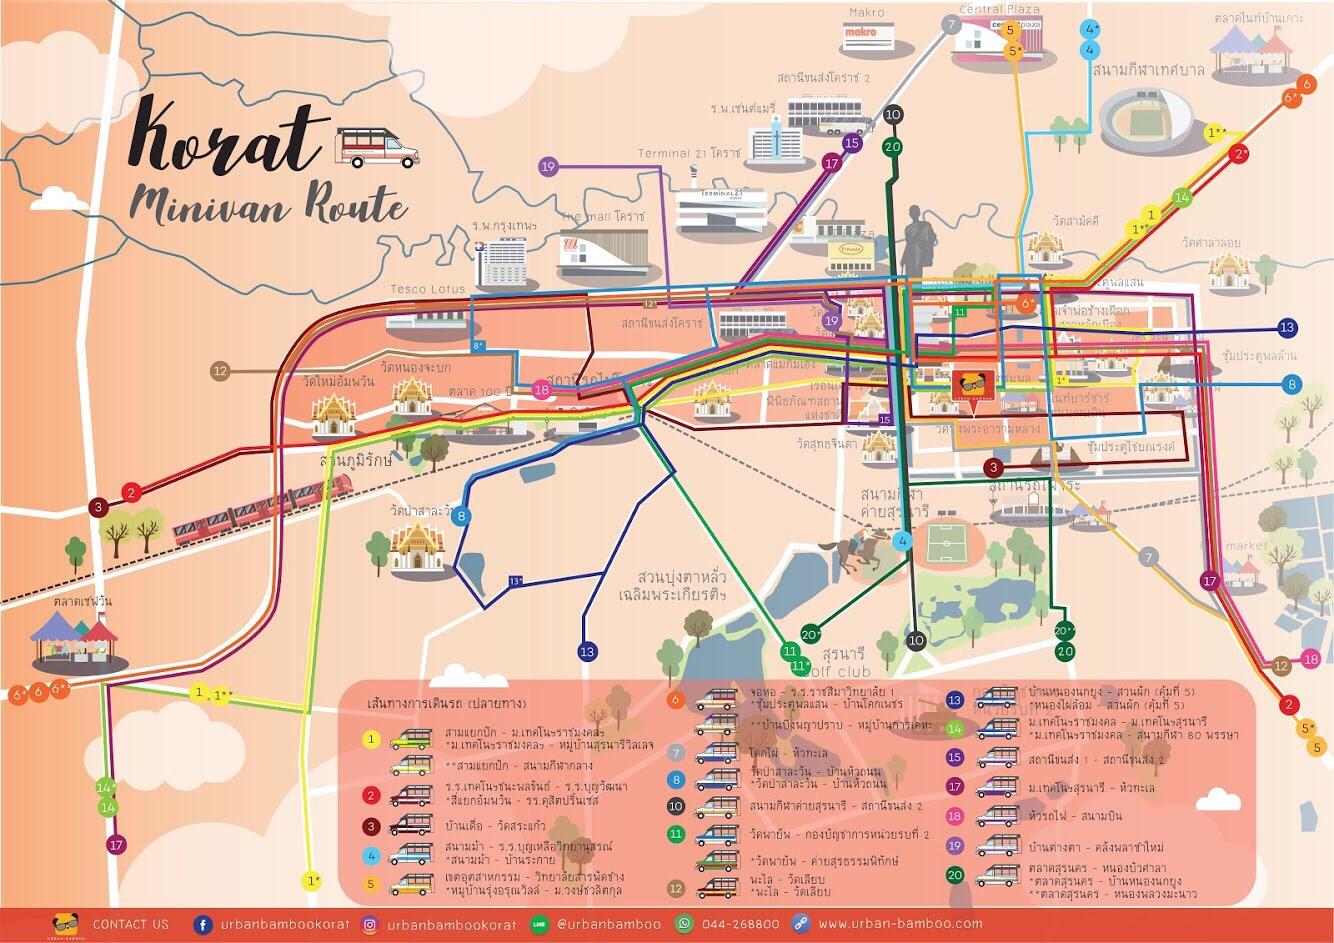 รวมแผนที่โคราช | Korat Map ในแบบต่างๆ ที่เป็นประโยชน์ ในลิ้งเดียว